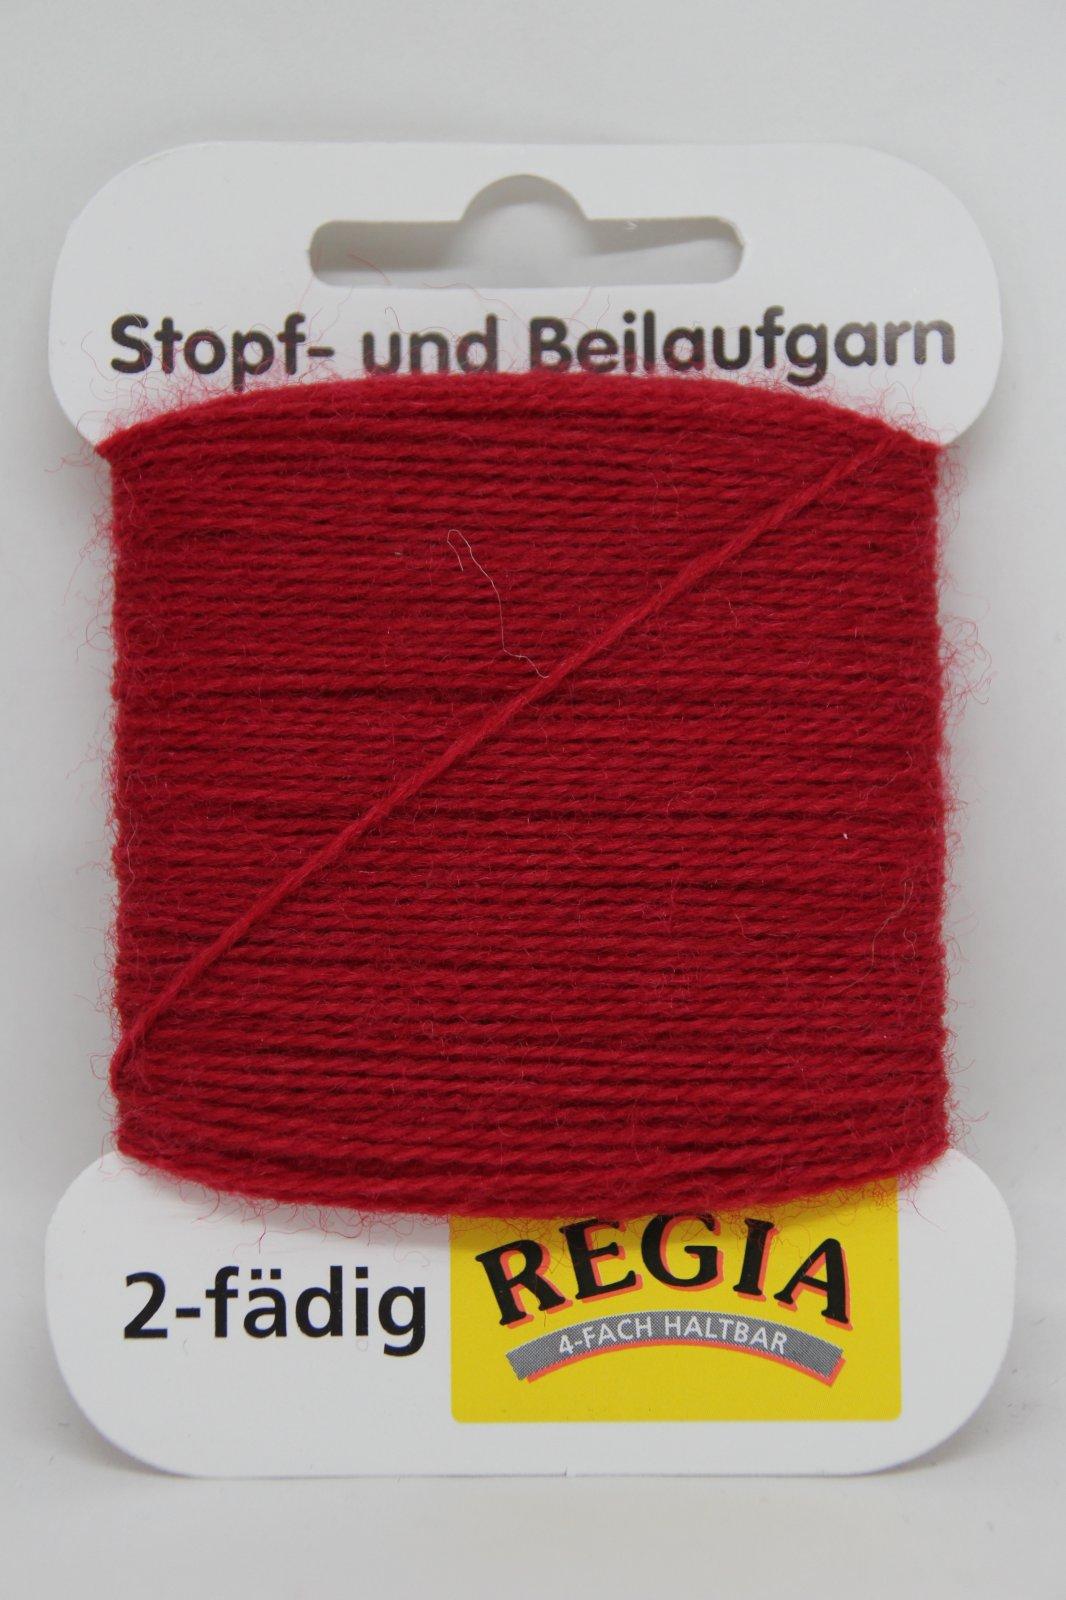 Regia 4-Fach Haltbor Beilaufgarn (Reinforcing Thread)